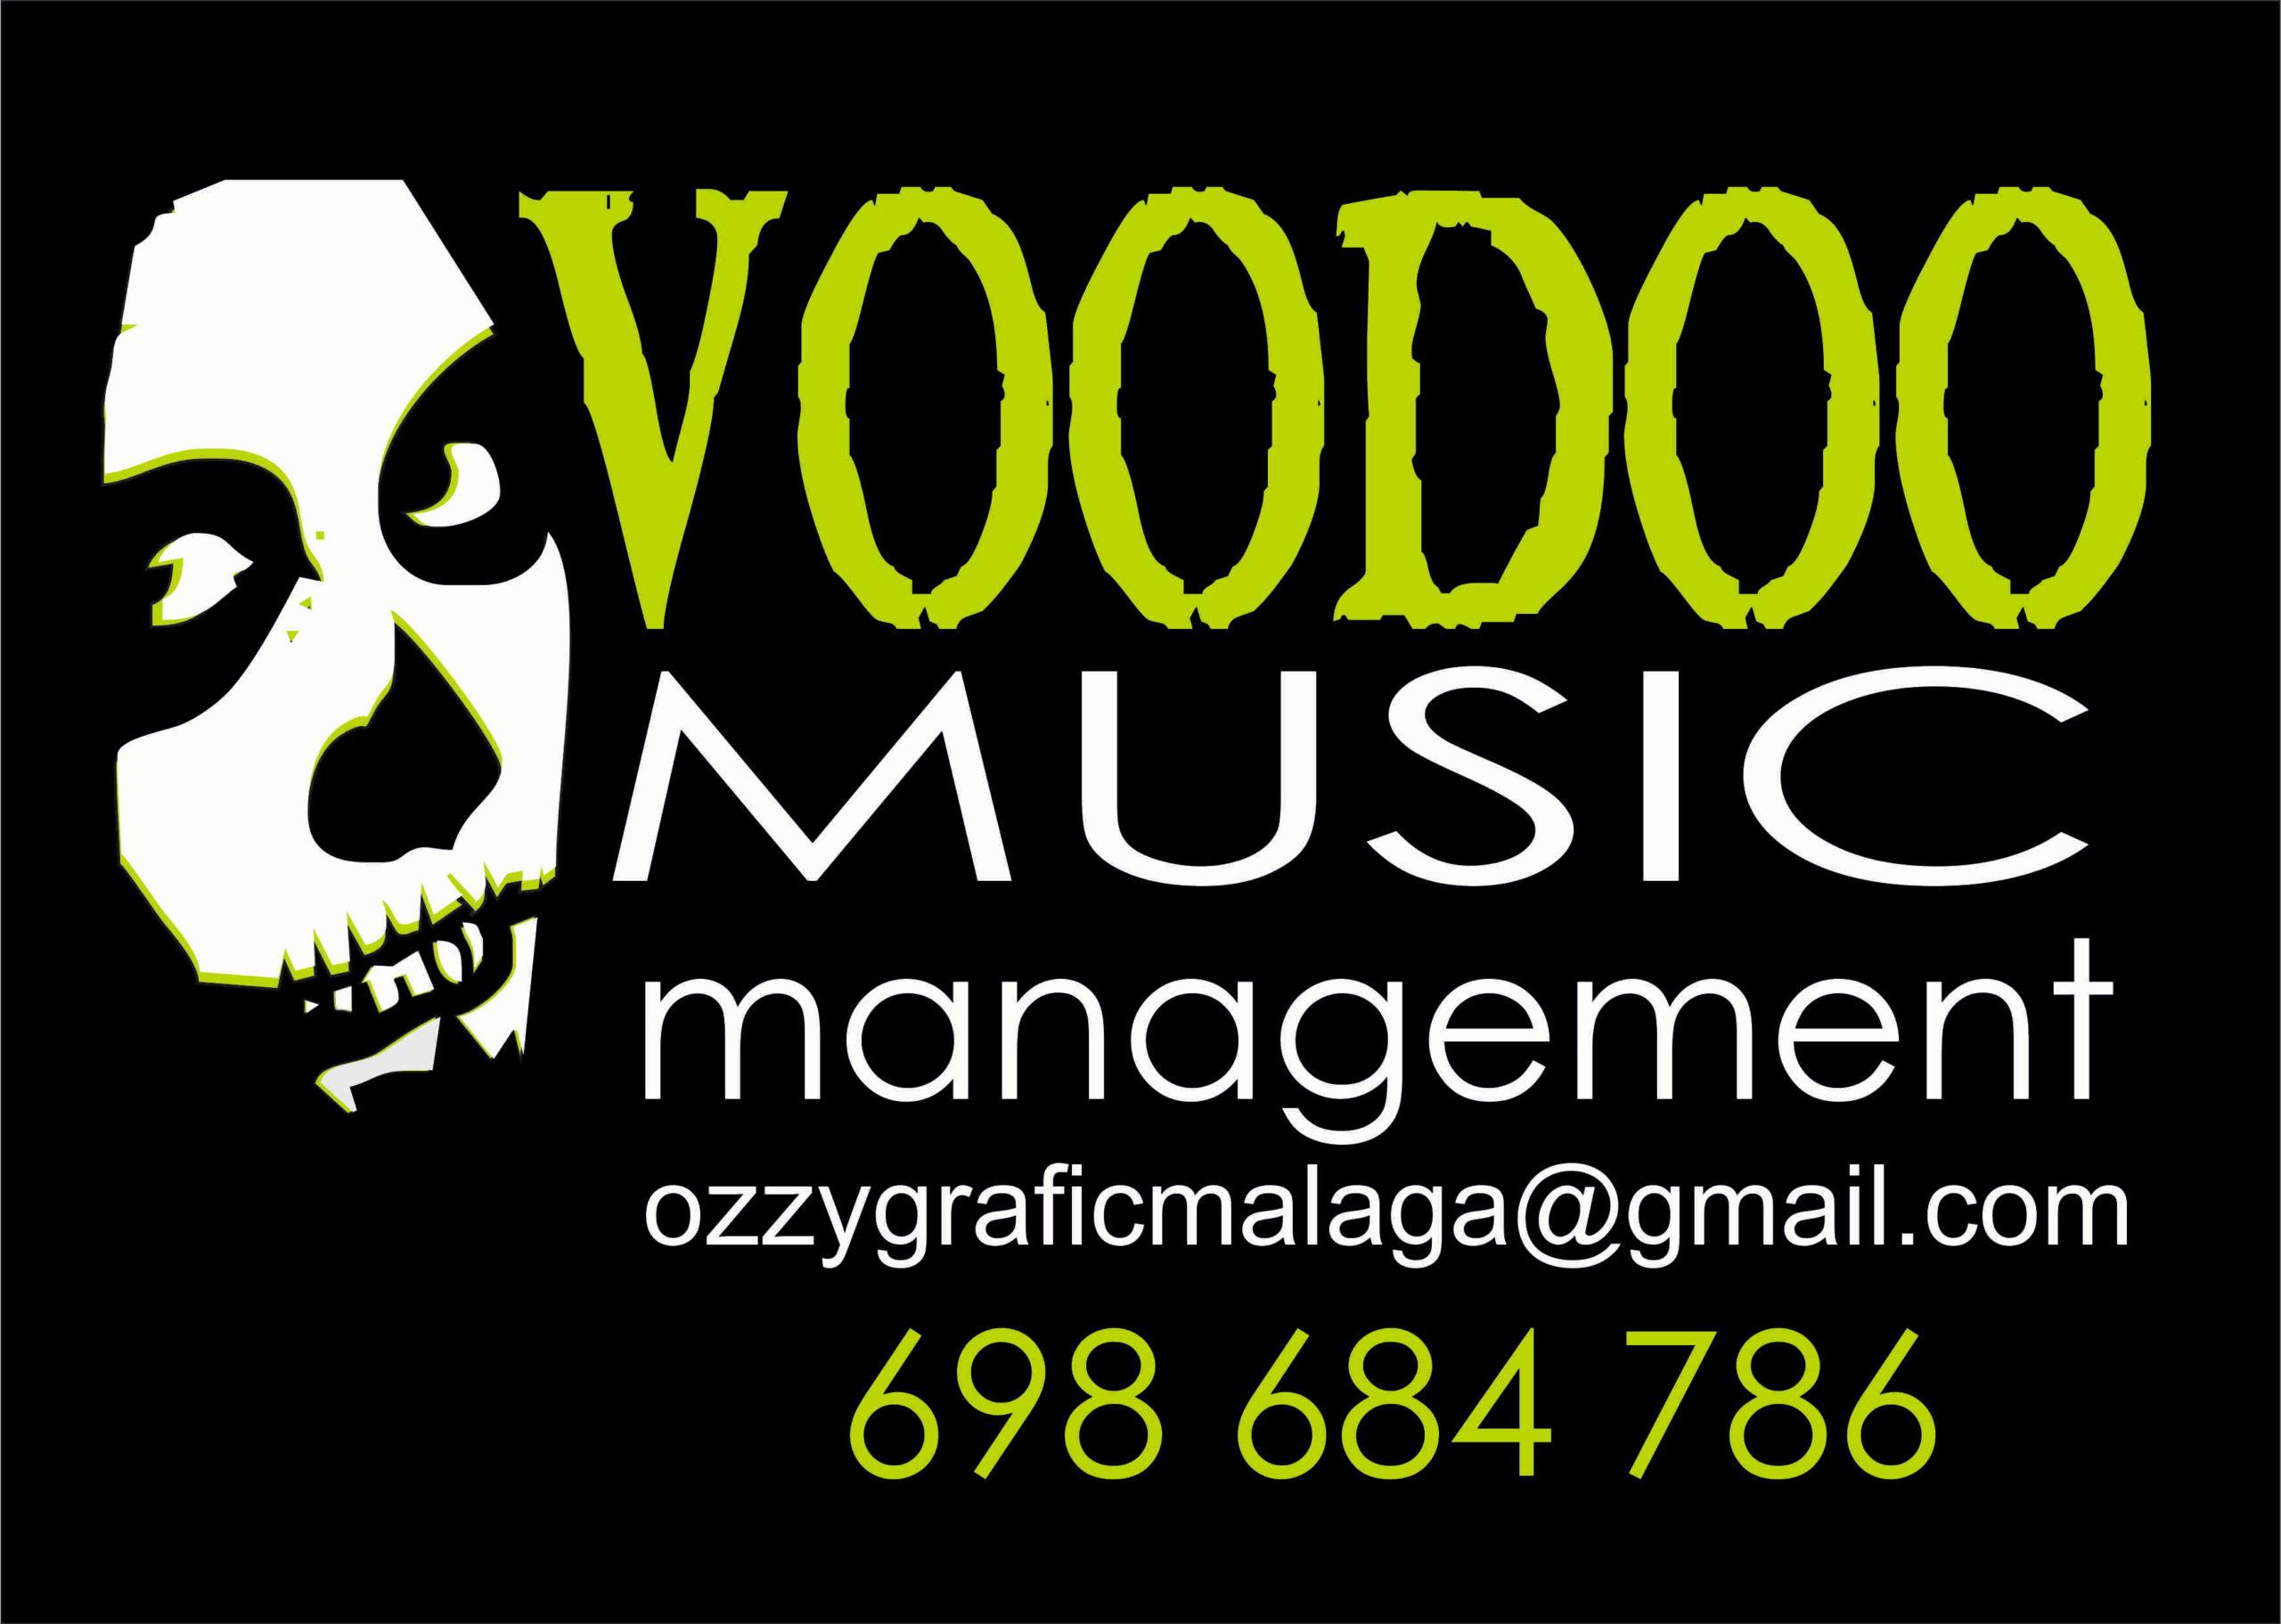 Voodoo Music management – Todos sus conciertos